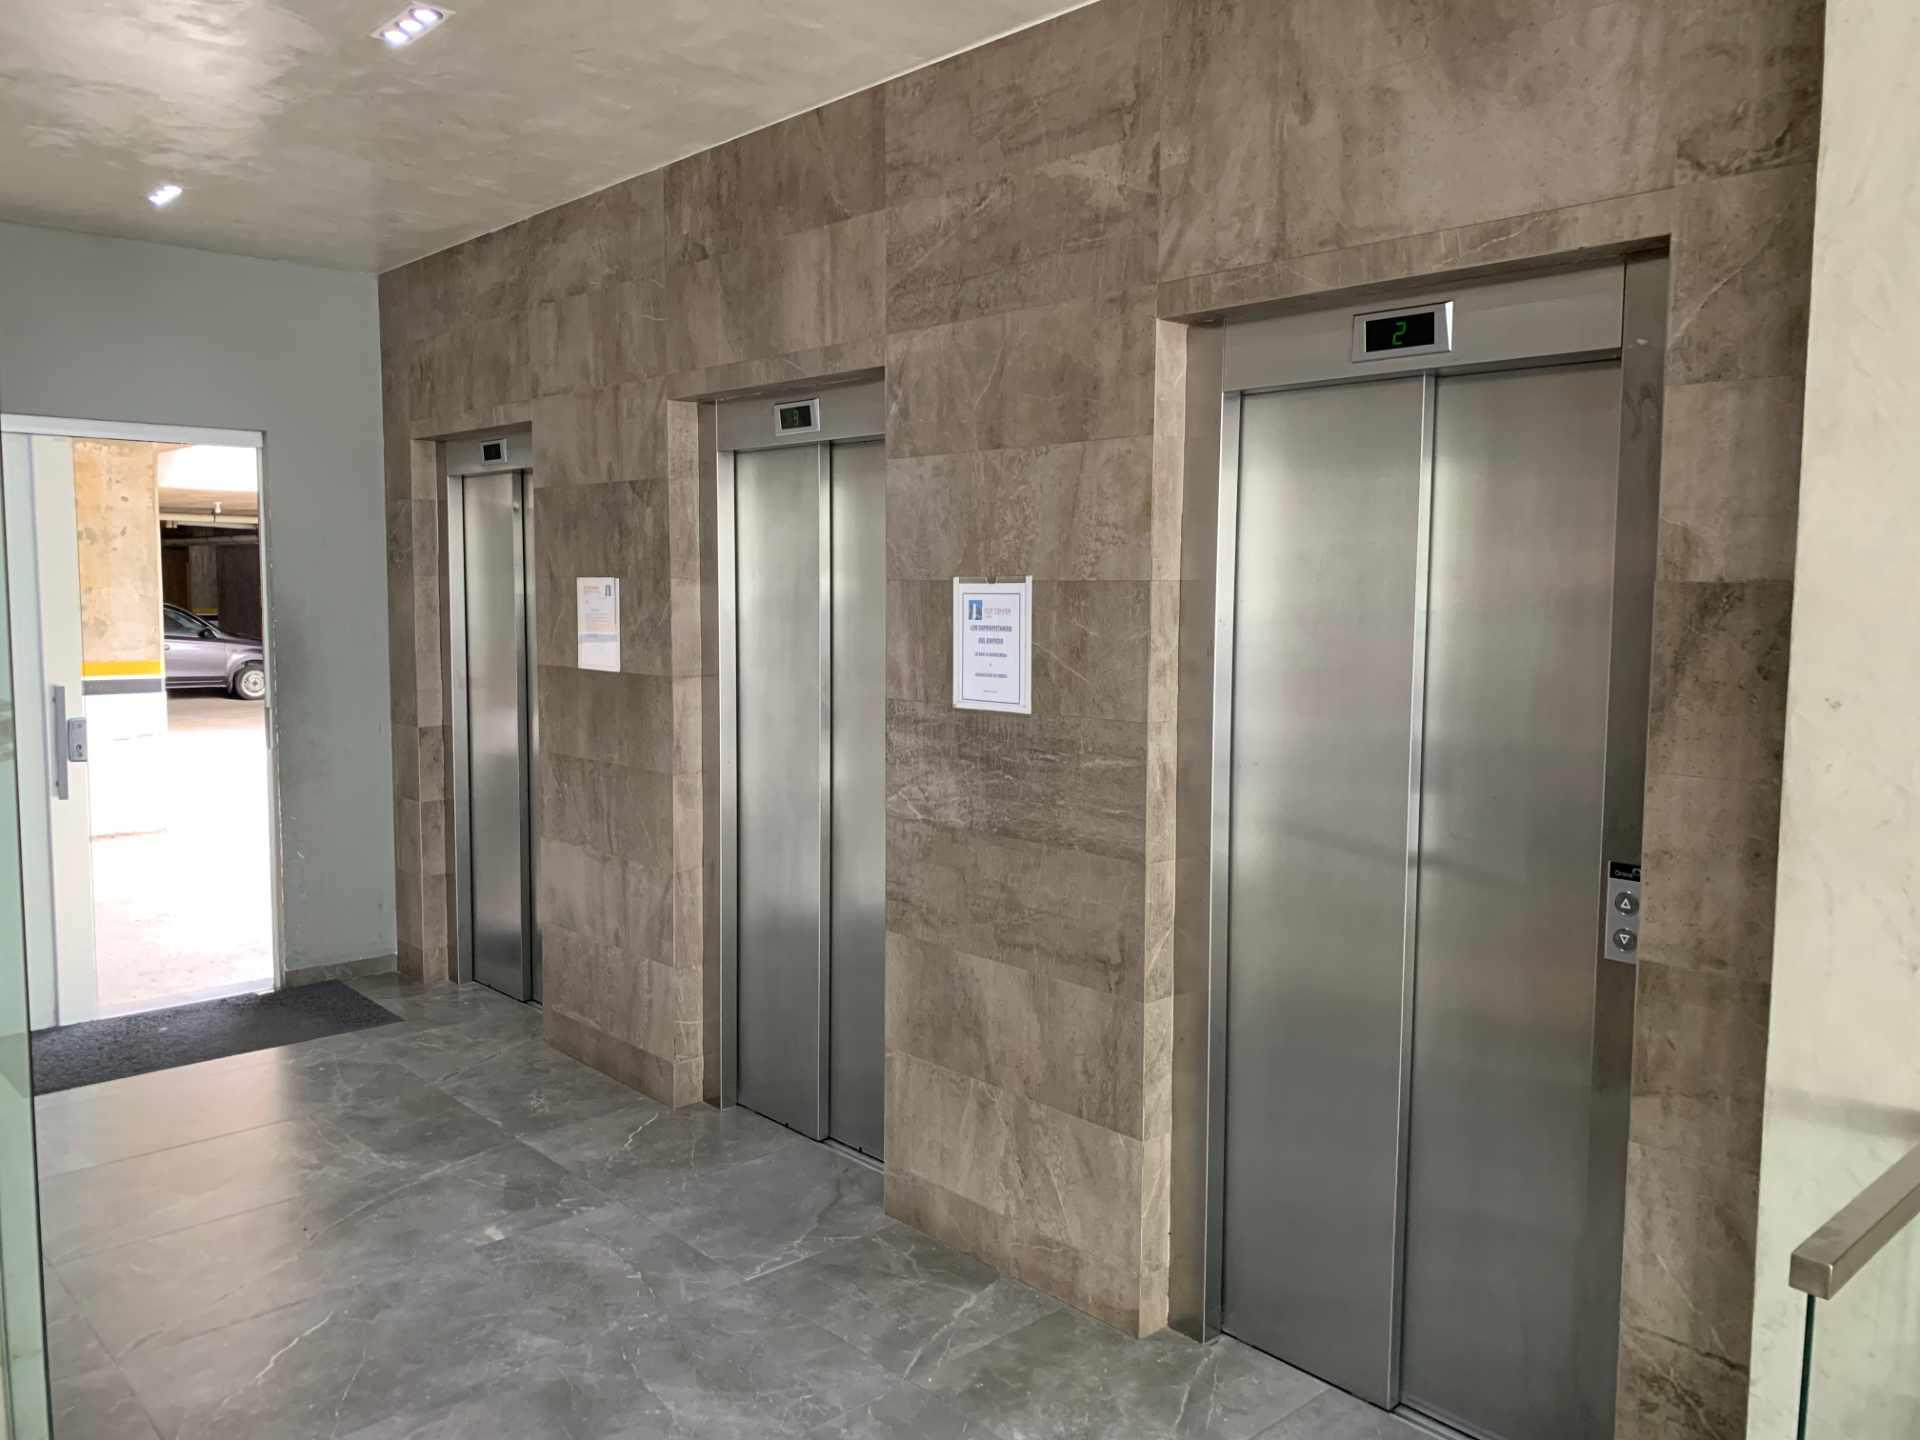 Oficina en Venta Calle Beni entre 1er y 2do Anillo Foto 9